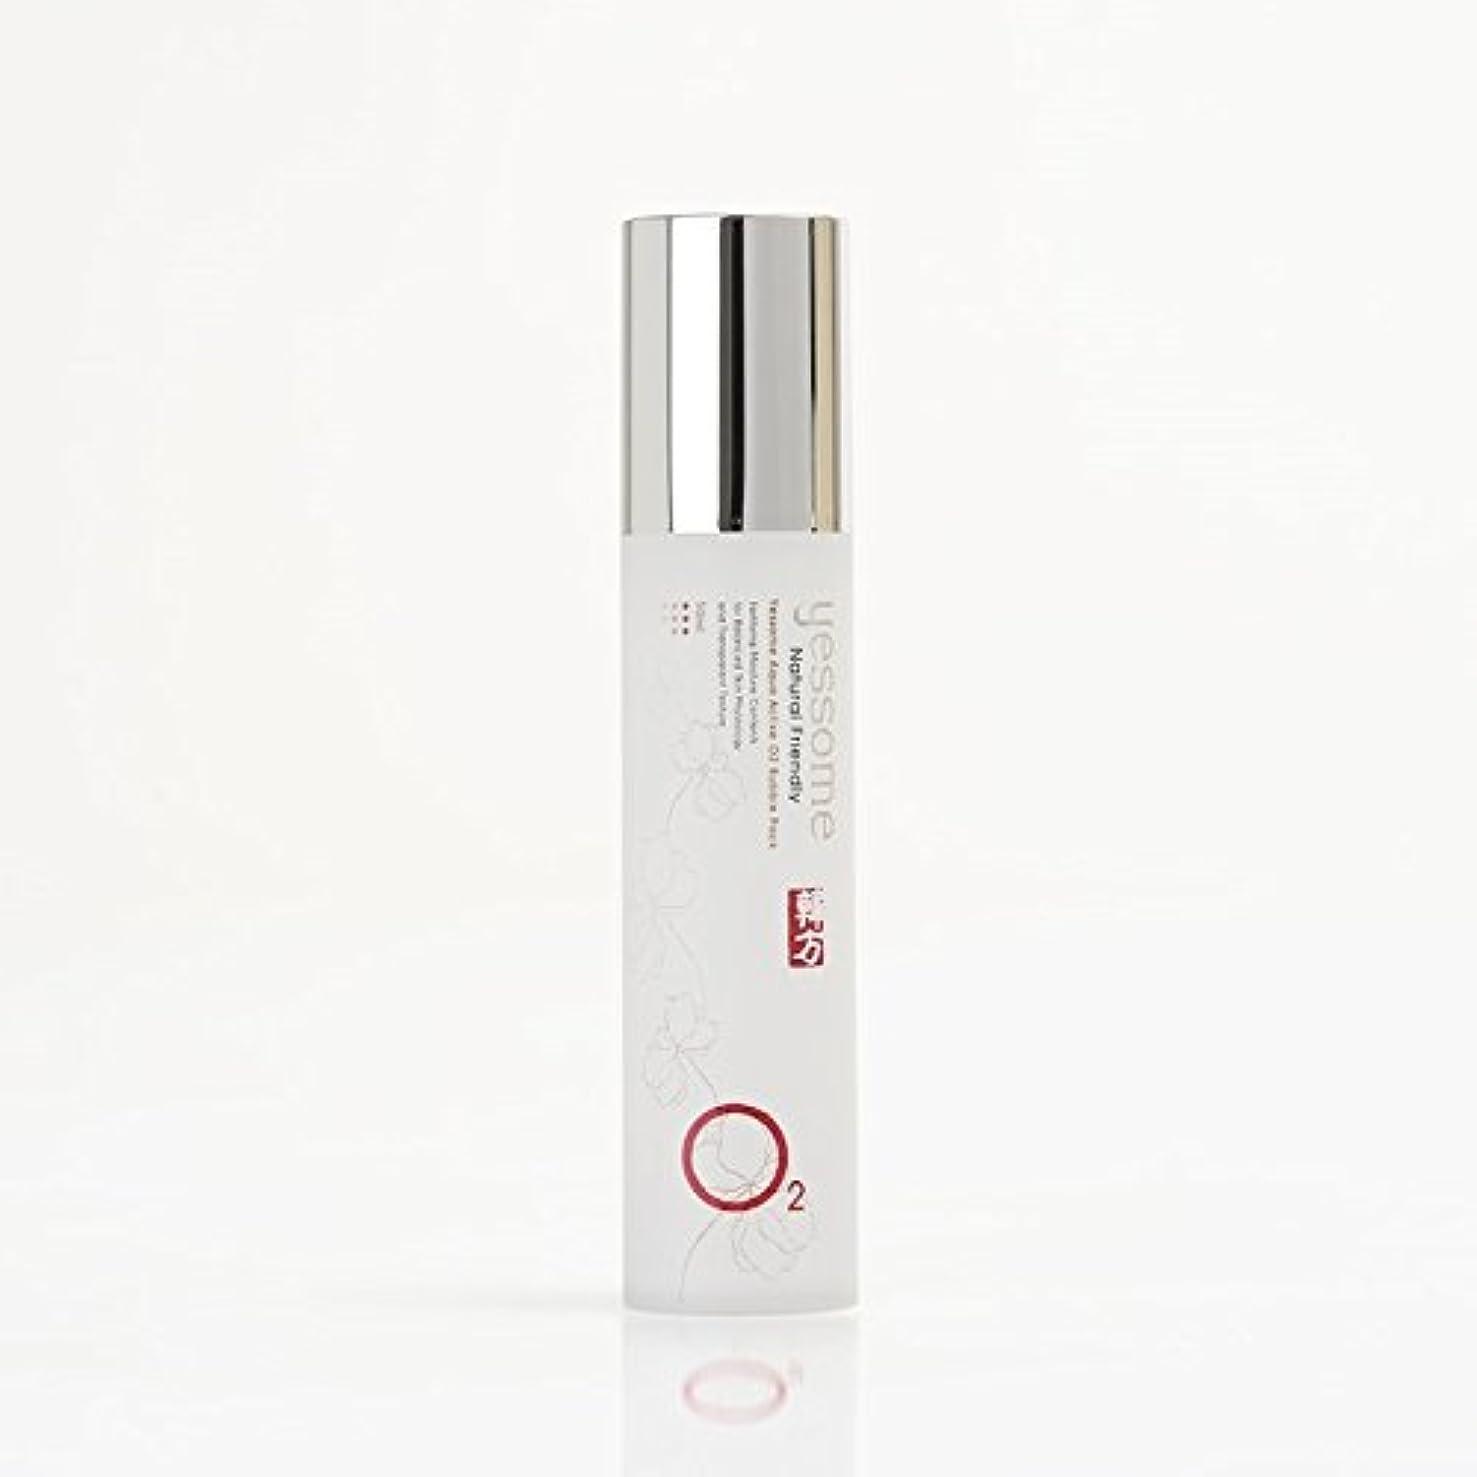 素晴らしき価値のないブロッサムYessome O2 Bubble Pack( 50ml) -酸素バブルパック